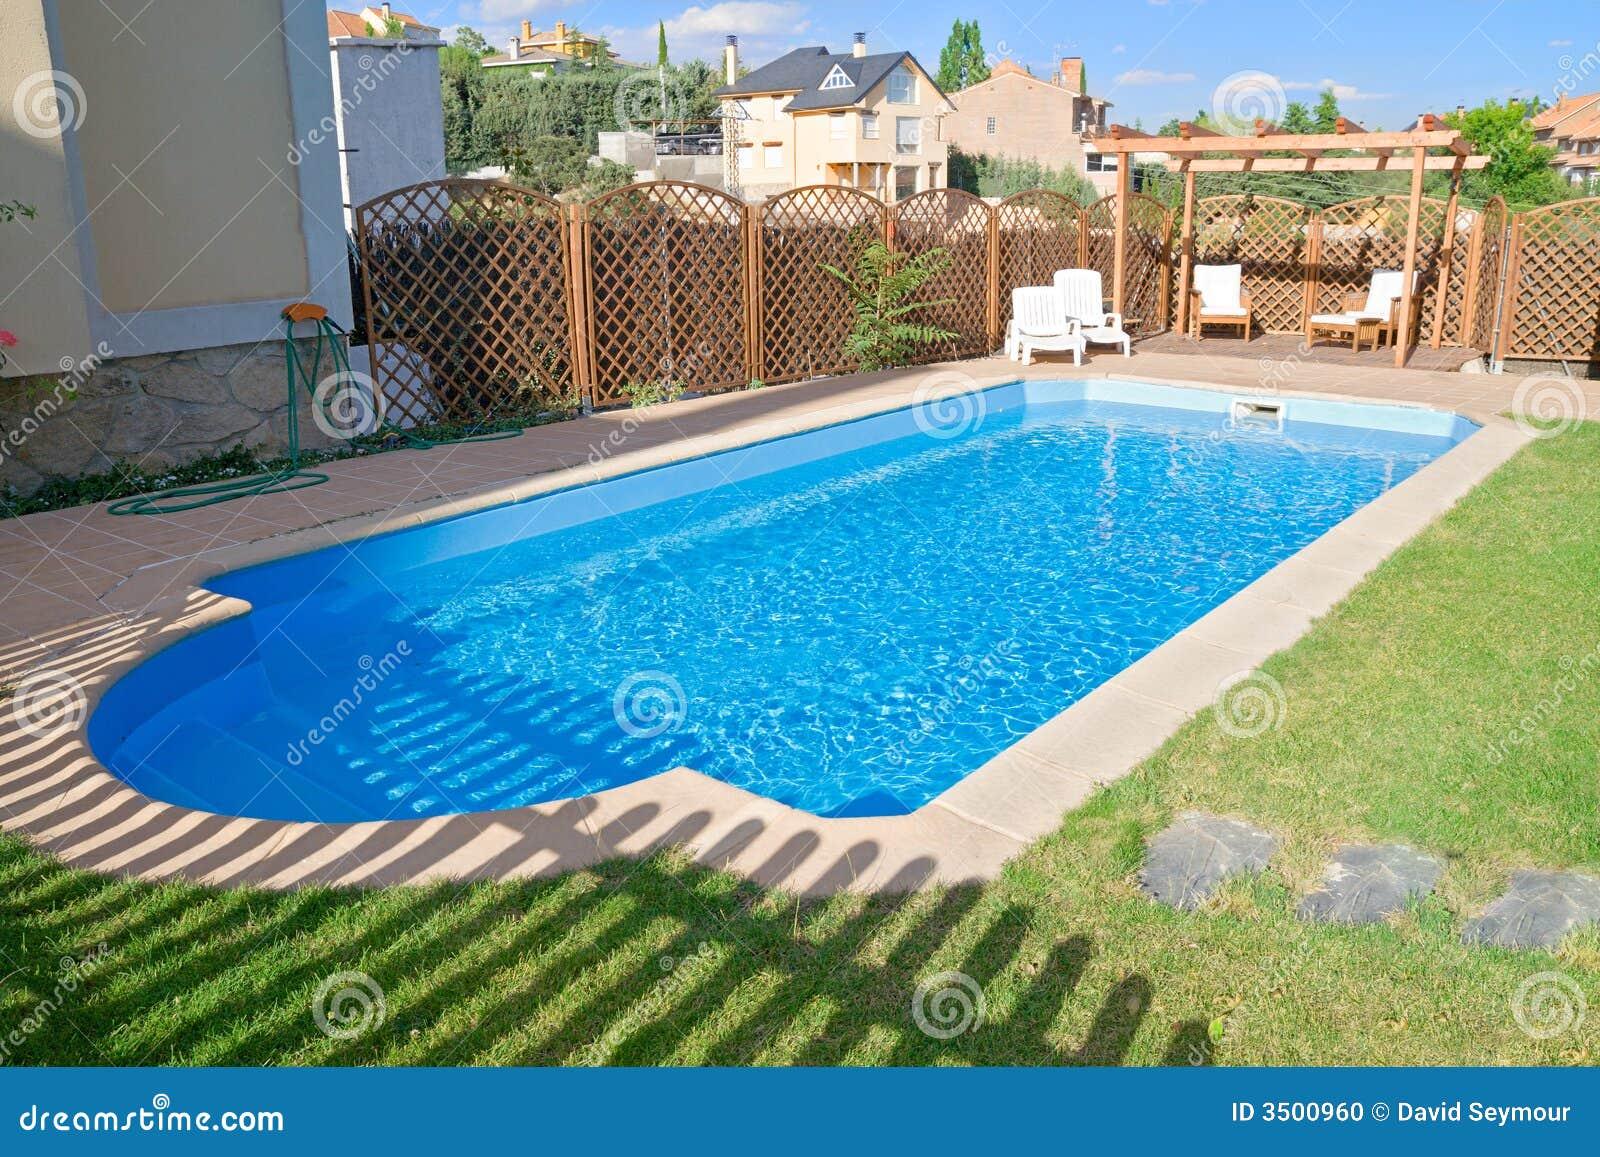 funkelndes frisches garten pool stockfoto bild von sitz garten 3500960. Black Bedroom Furniture Sets. Home Design Ideas